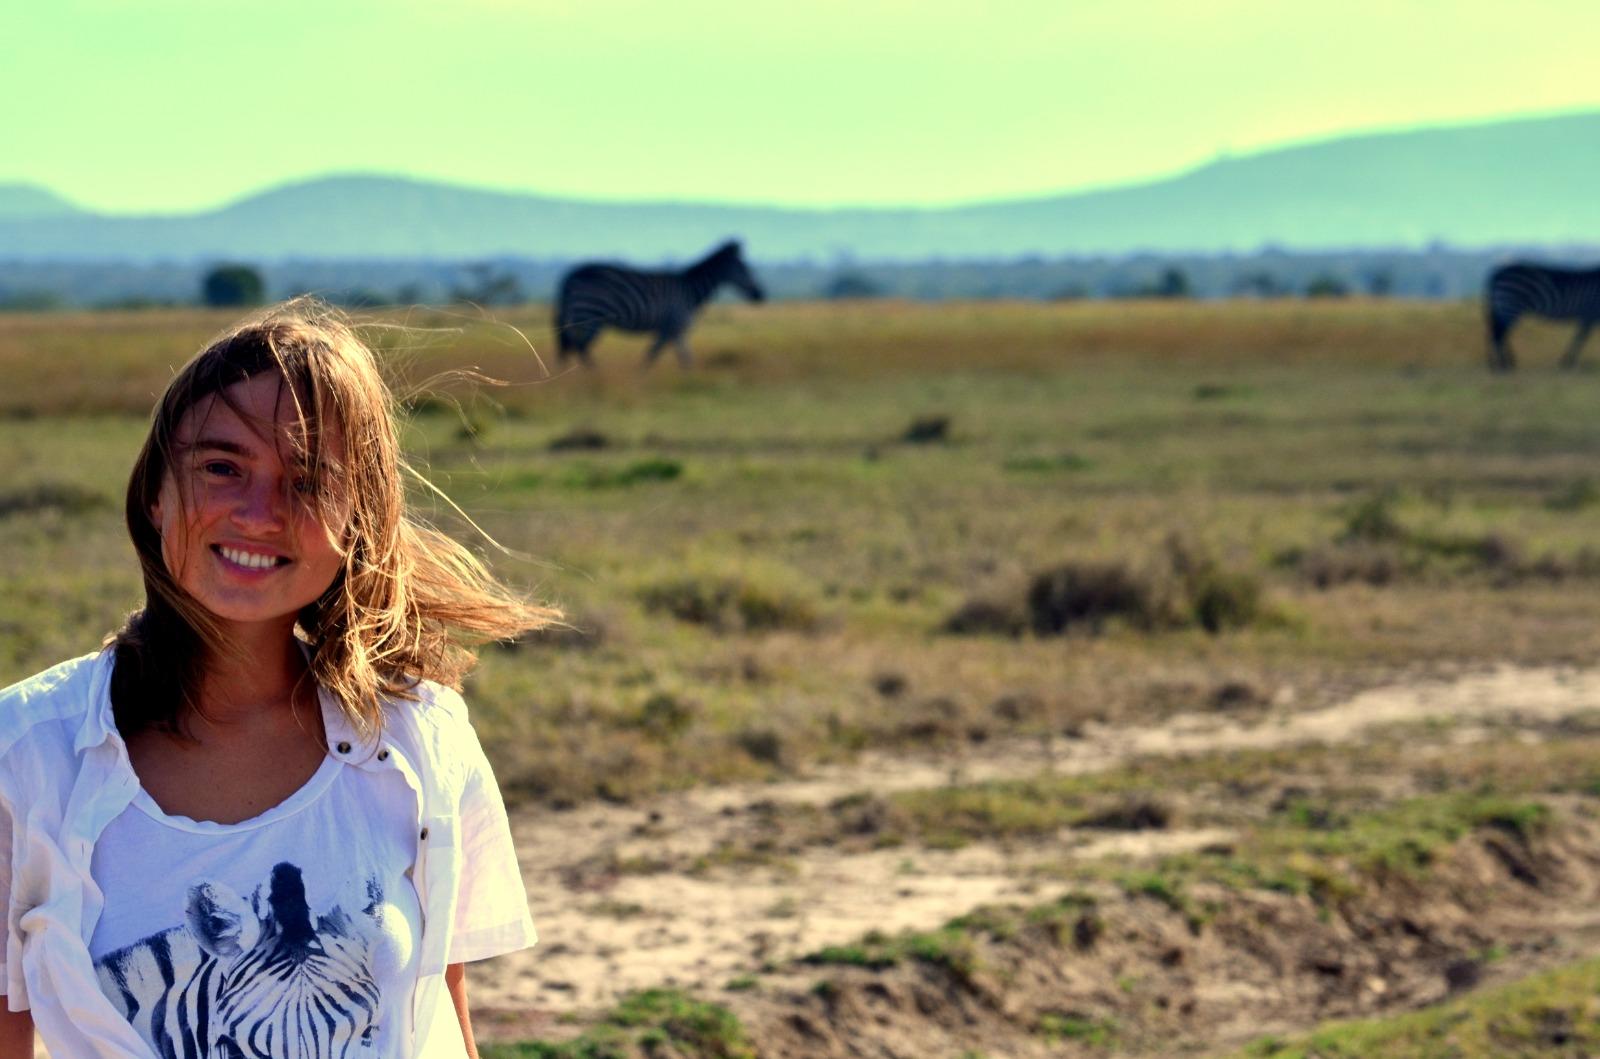 Un día de safari contado por Nadia Kolotushkina